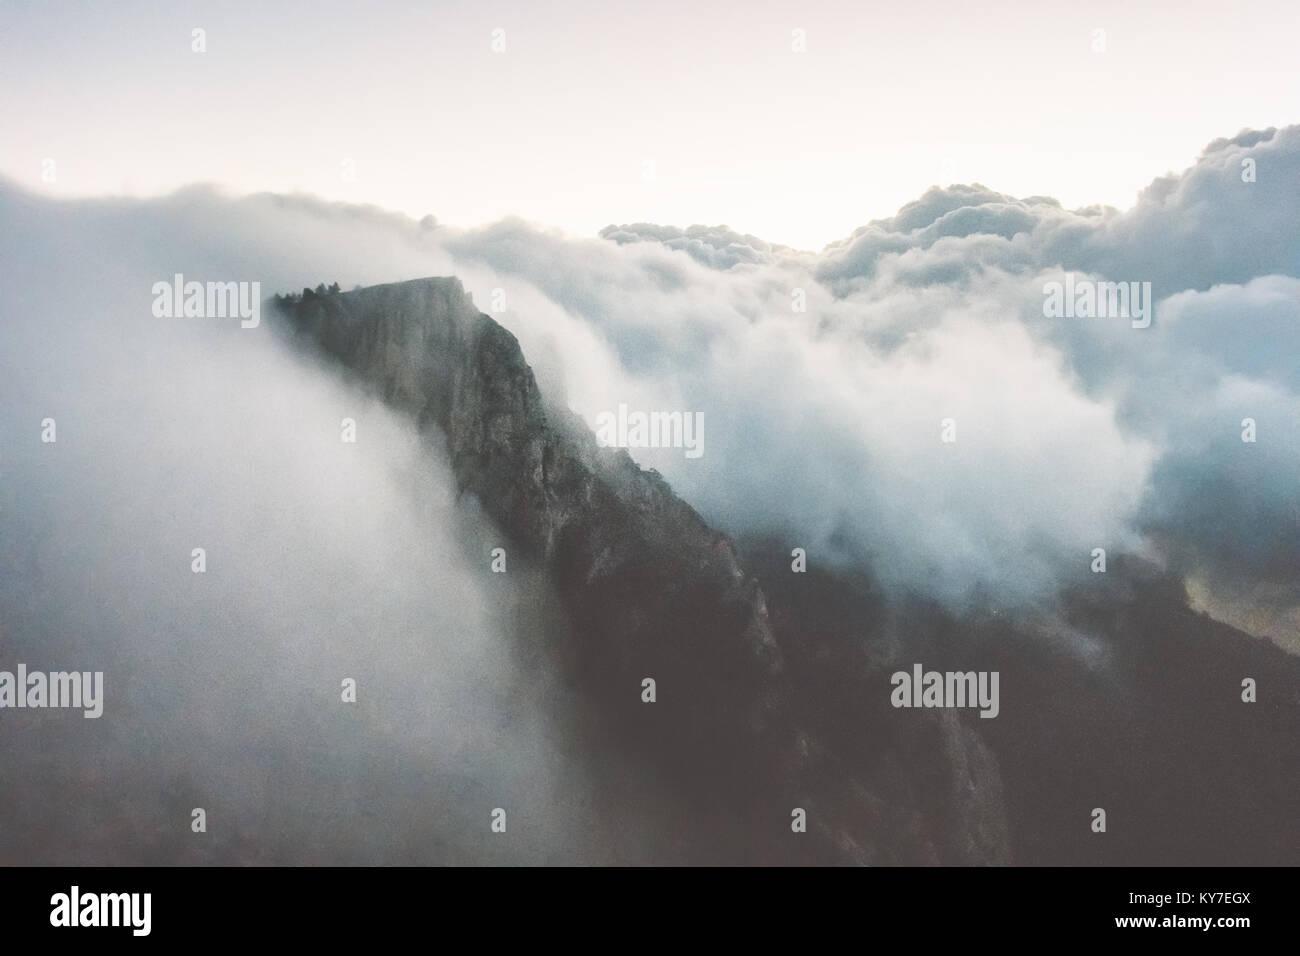 Montagnes Rocheuses et falaise nuages tempête Voyage Paysage vue aérienne paysage serein de la nature Photo Stock